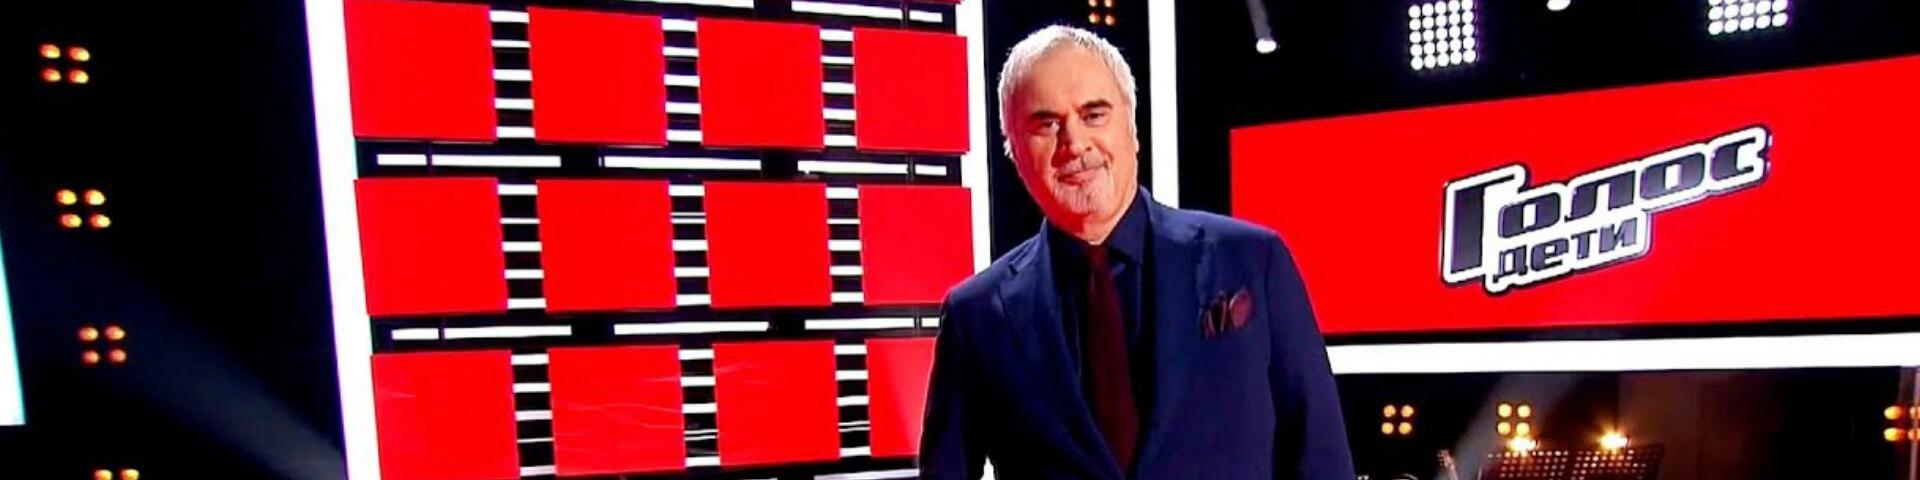 БК «Фонбет»: команда Меладзе выиграет шоу «Голос. Дети»